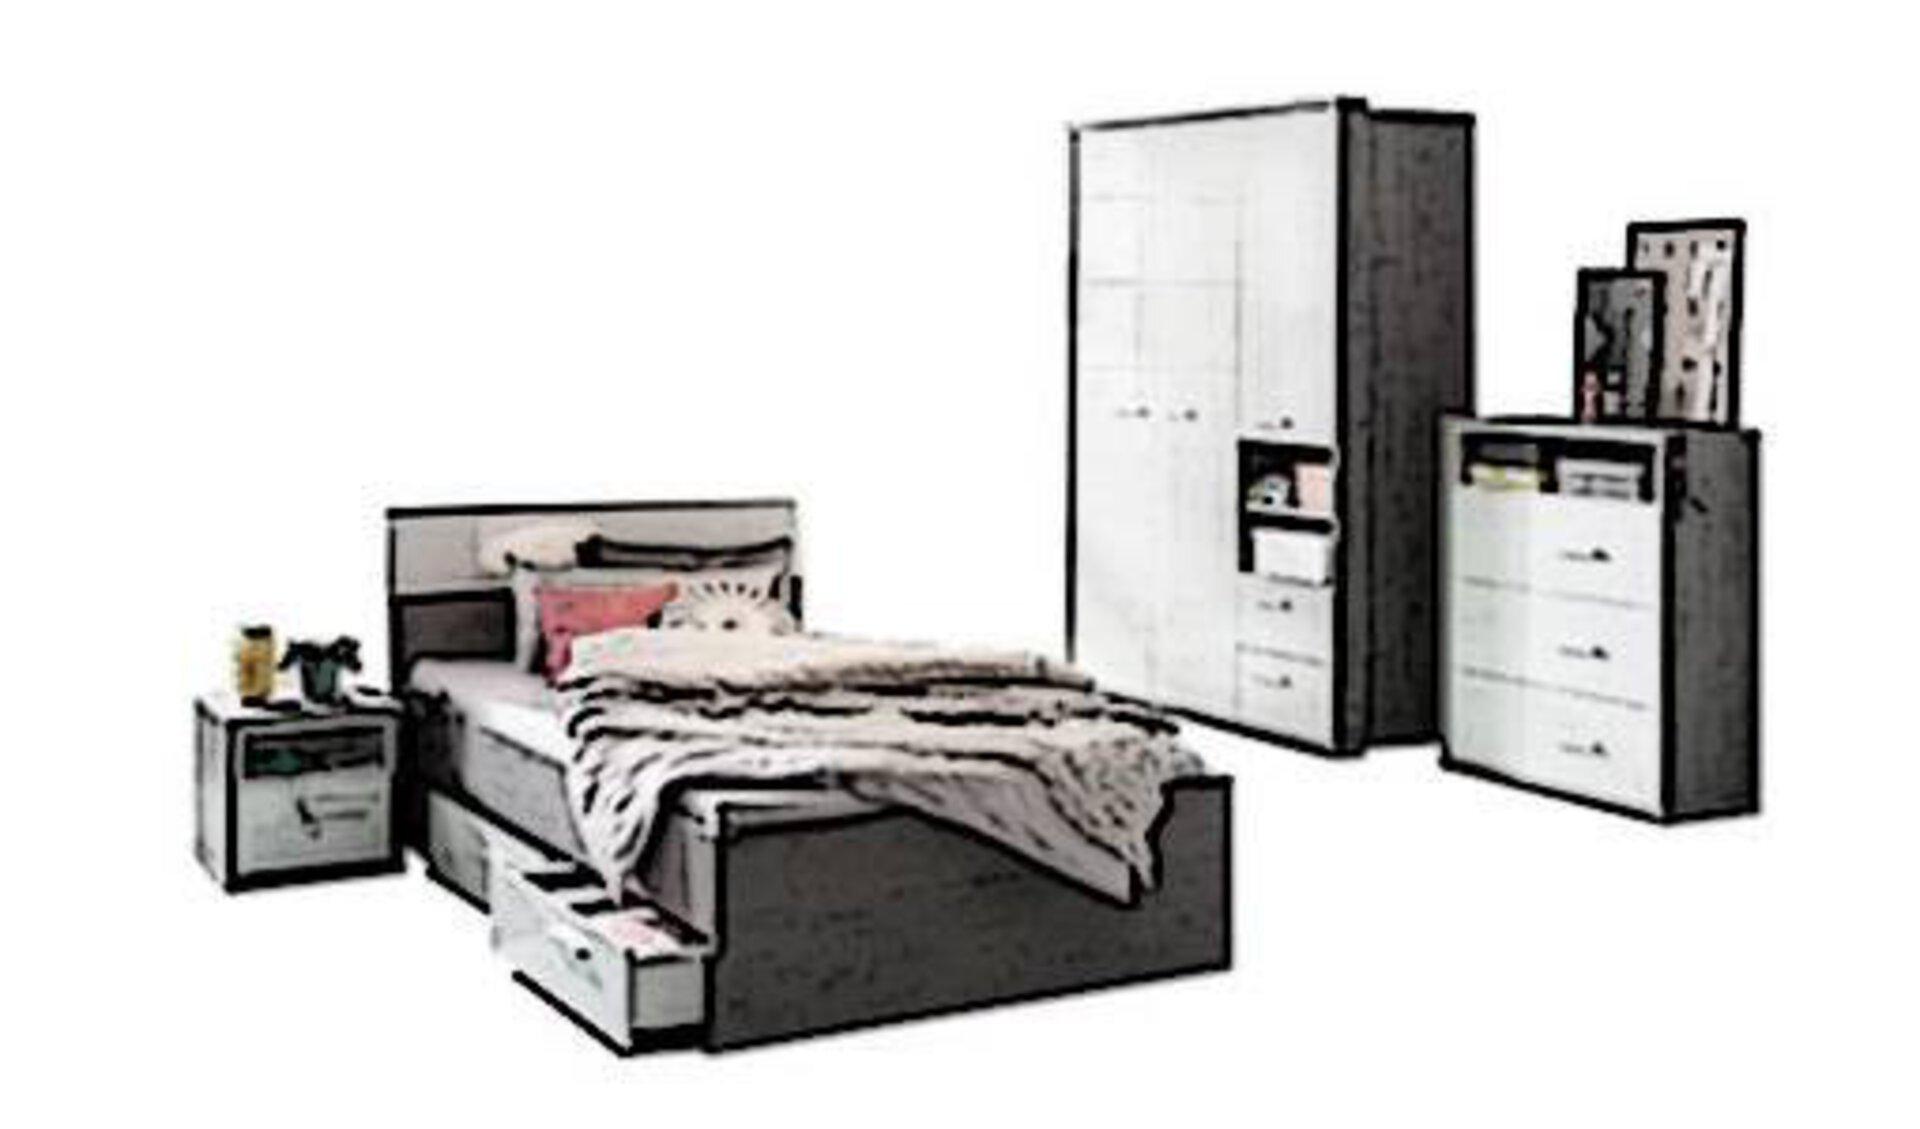 Icon für Jugendzimmer zeigt eine komplette Ausstattung des Zimmers, bestehend aus Bett mit Bettkasten, Nachttisch, Kleiderschrank und Kommode. Das Design ist jung und passt in das zeigemäße Jugendzimmer.